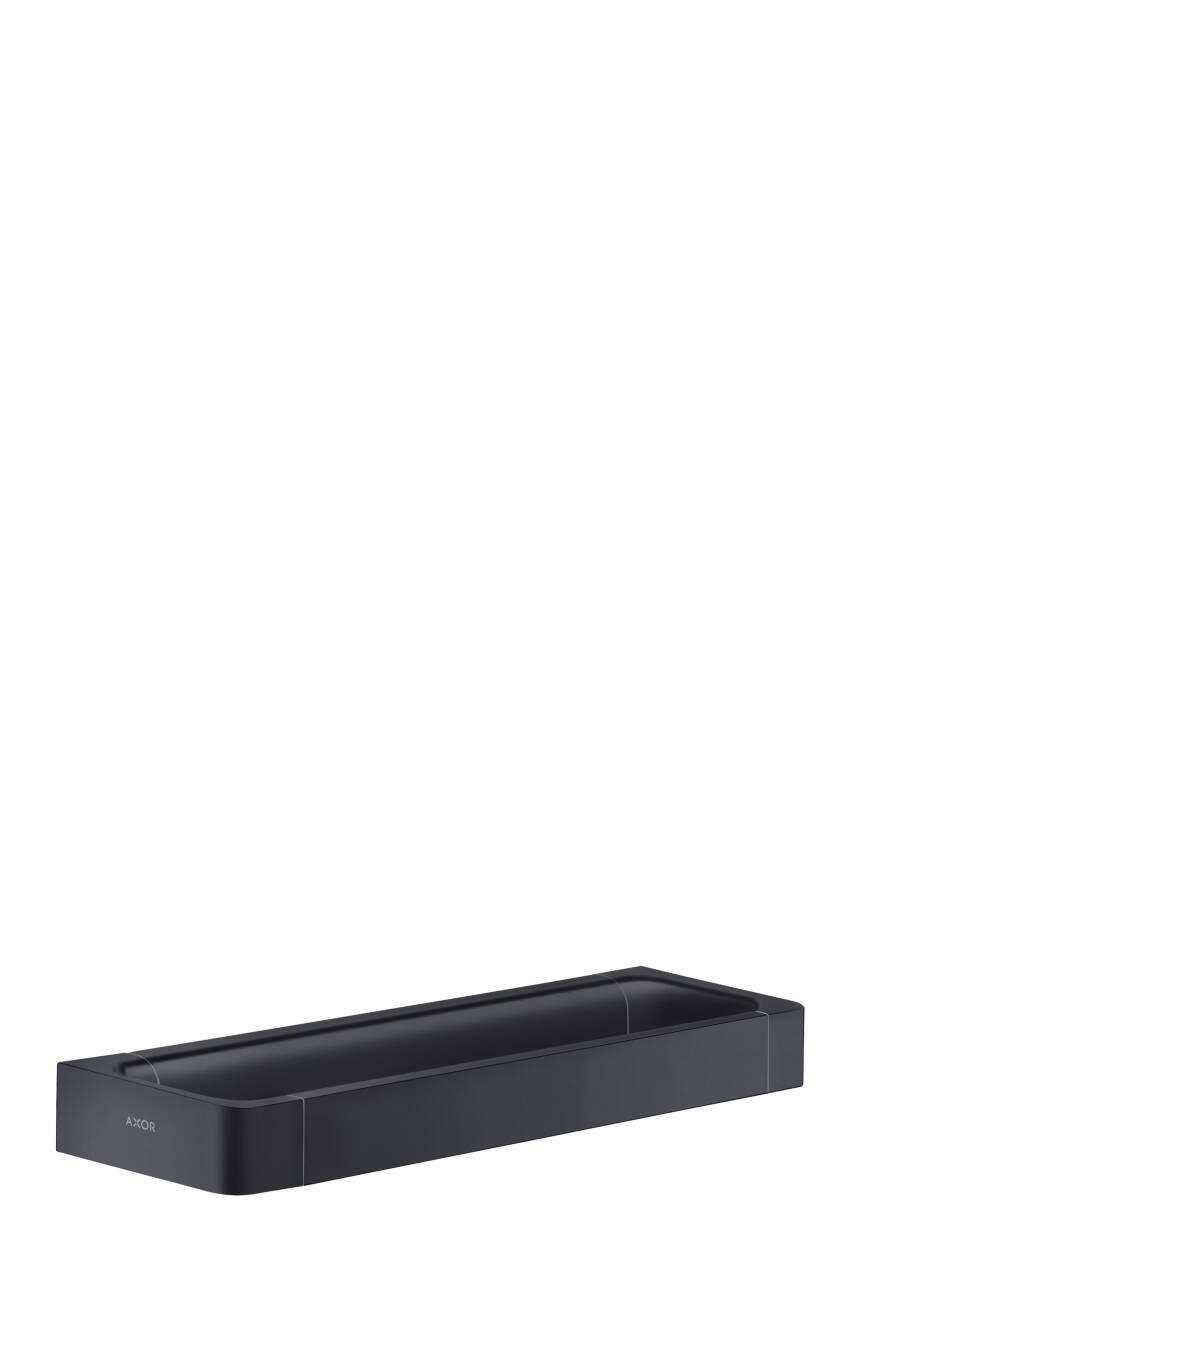 Rail grab bar 300 mm, Satin Black, 42830350